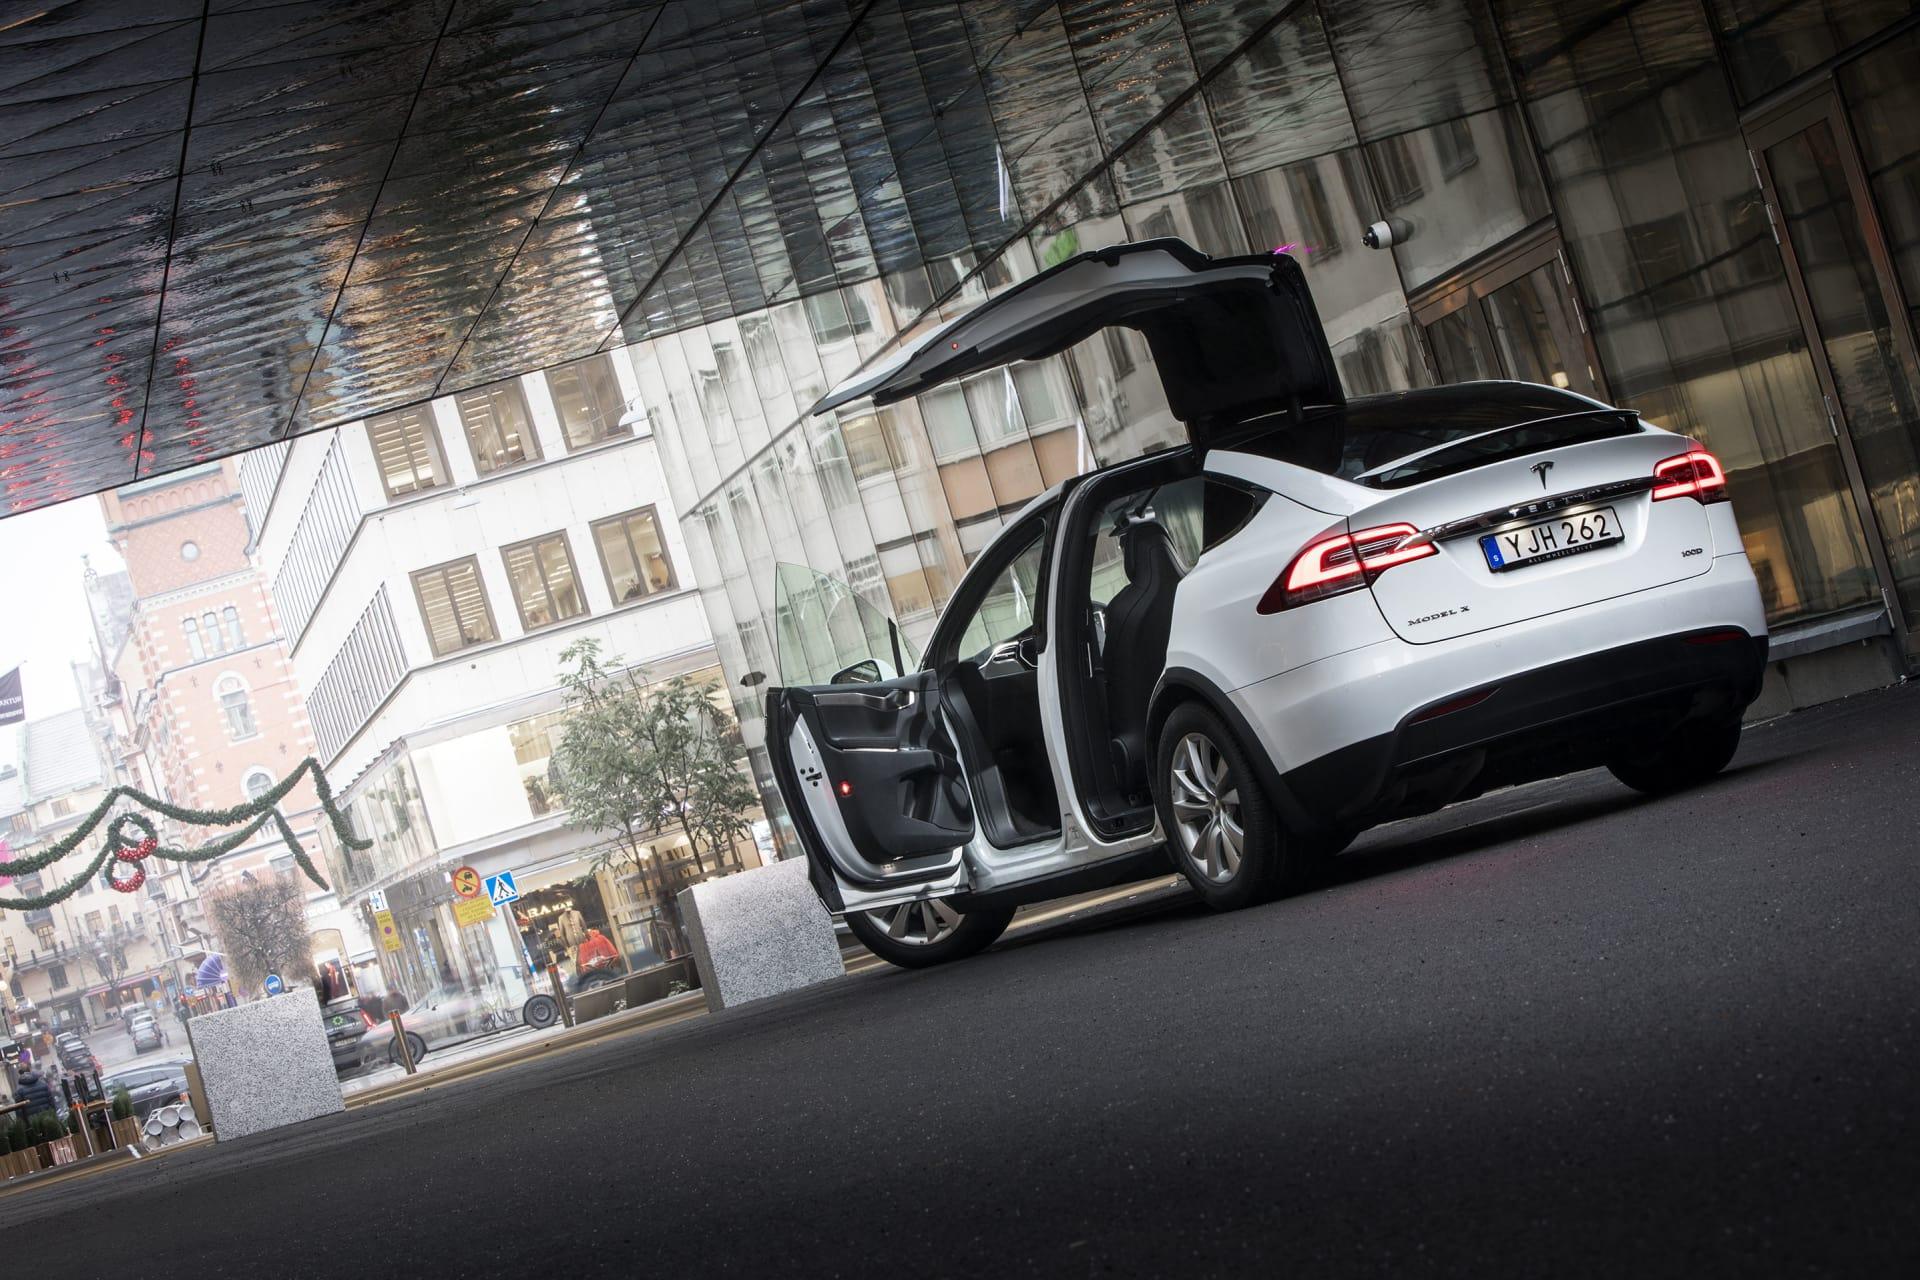 De bakre dörrarna på Tesla Model X öppnas uppåt. Framdörrarna stänger sig automatiskt när man trycker ner bromspedalen. Allt i Tesla Model X är high-tech och det känns att detta är en ny era för bilar likt den när iPhoneintroducerades.